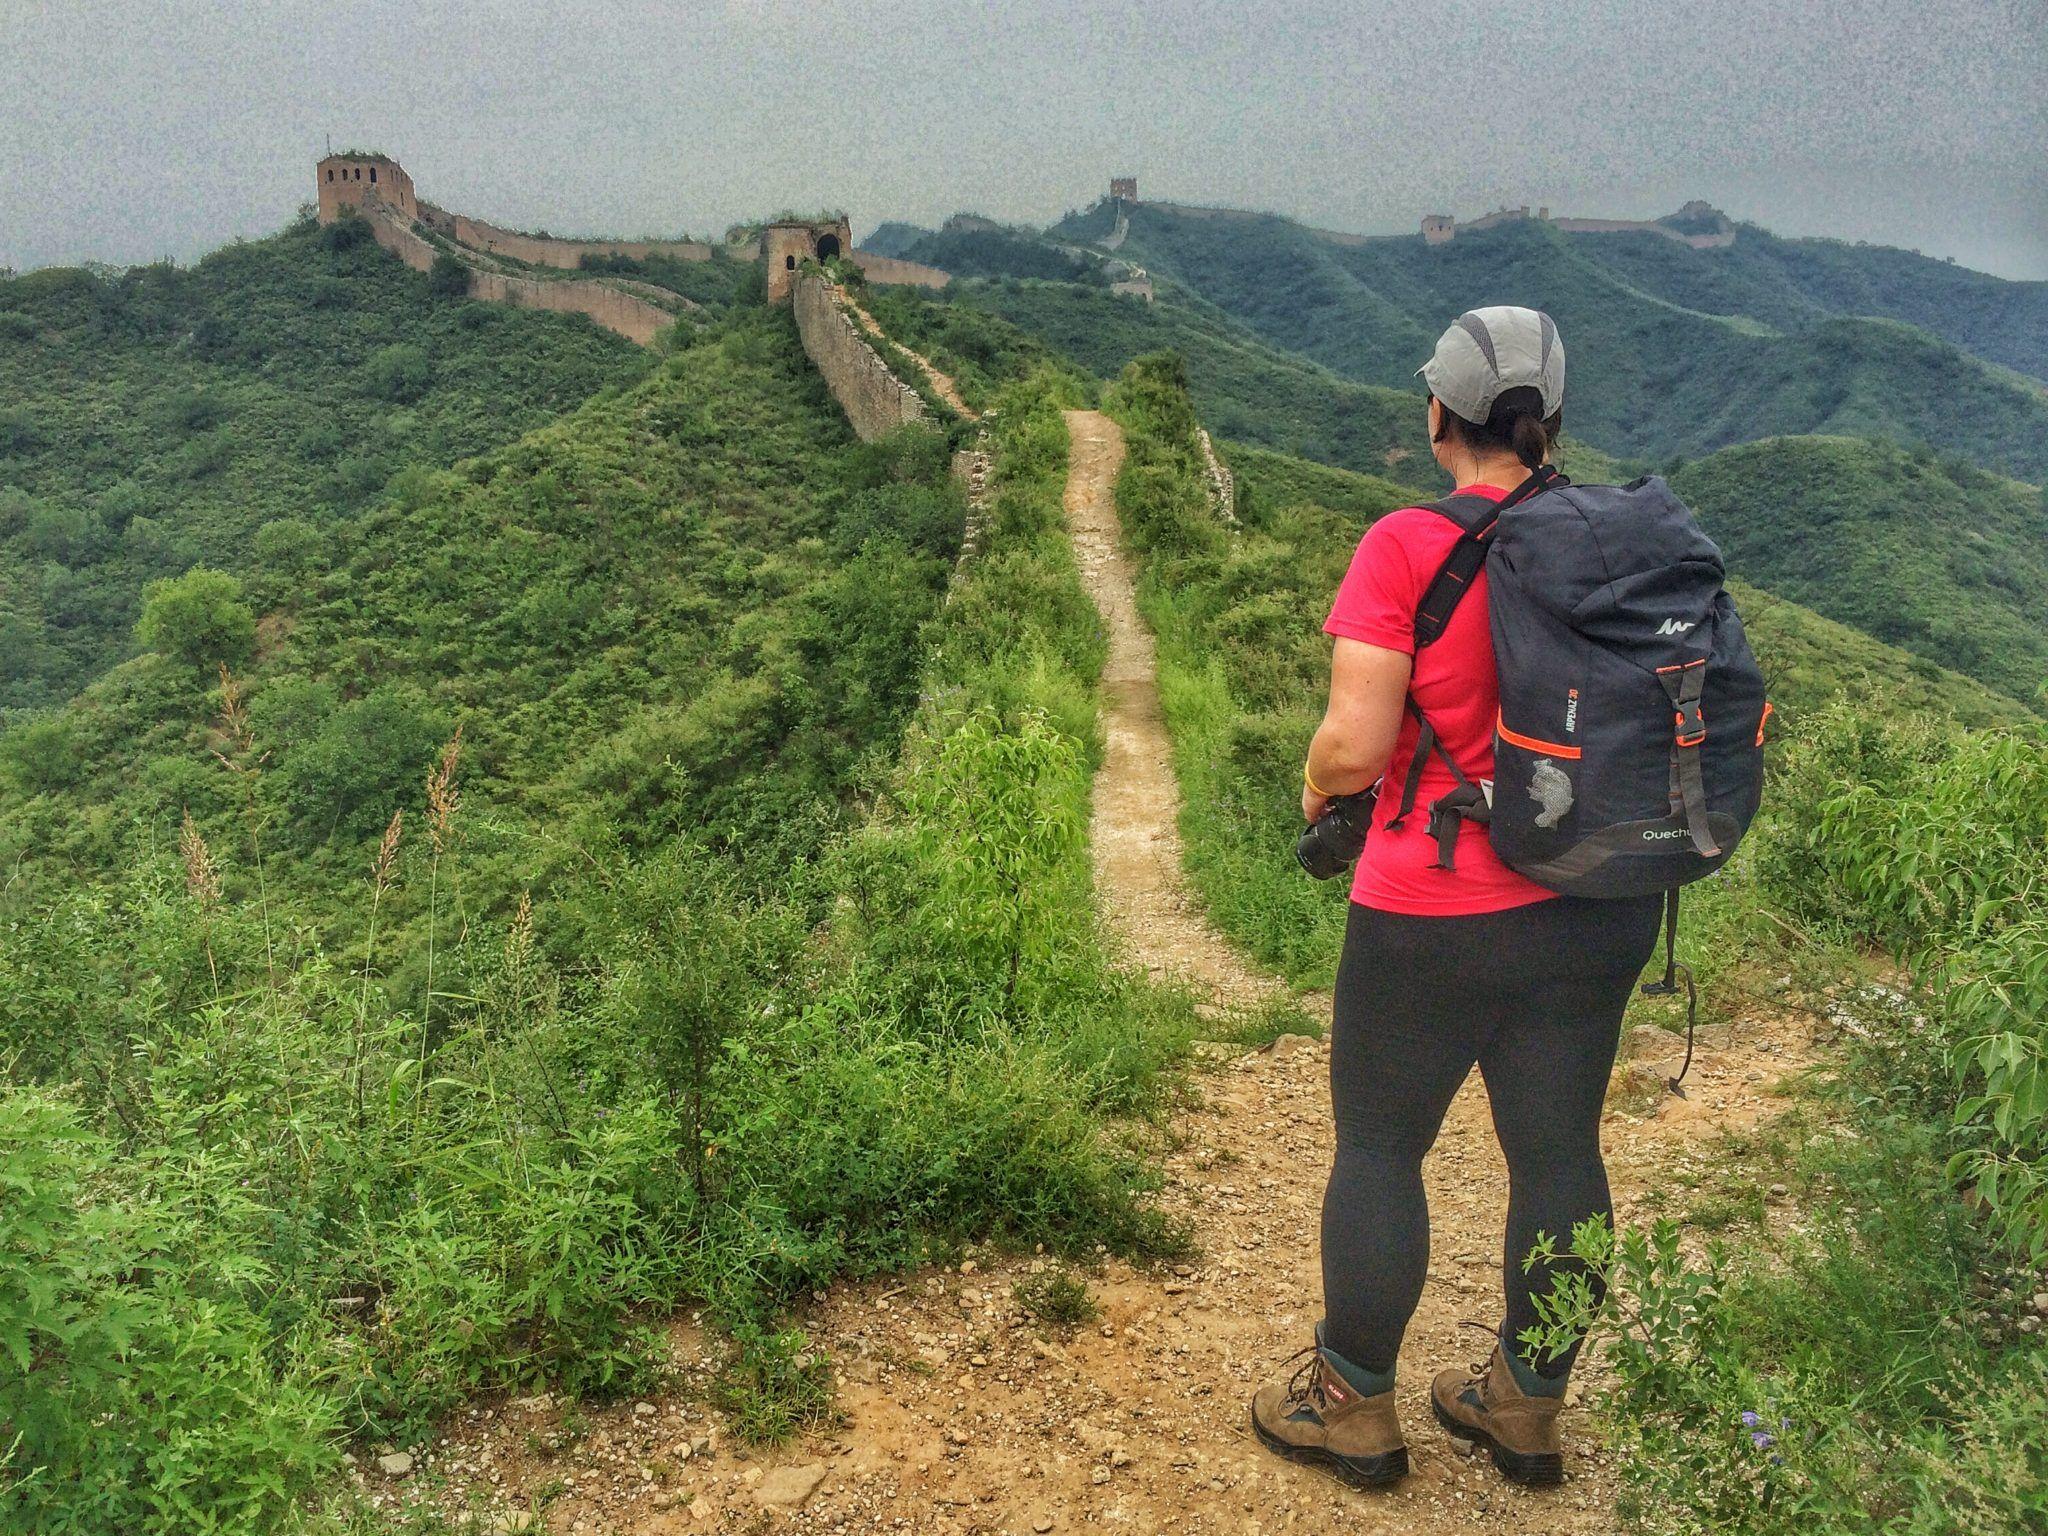 Wielki Mur W Gubeikou Praktyczny Przewodnik Kasia Victor Przez Swiat Travel Stories Travel Bags